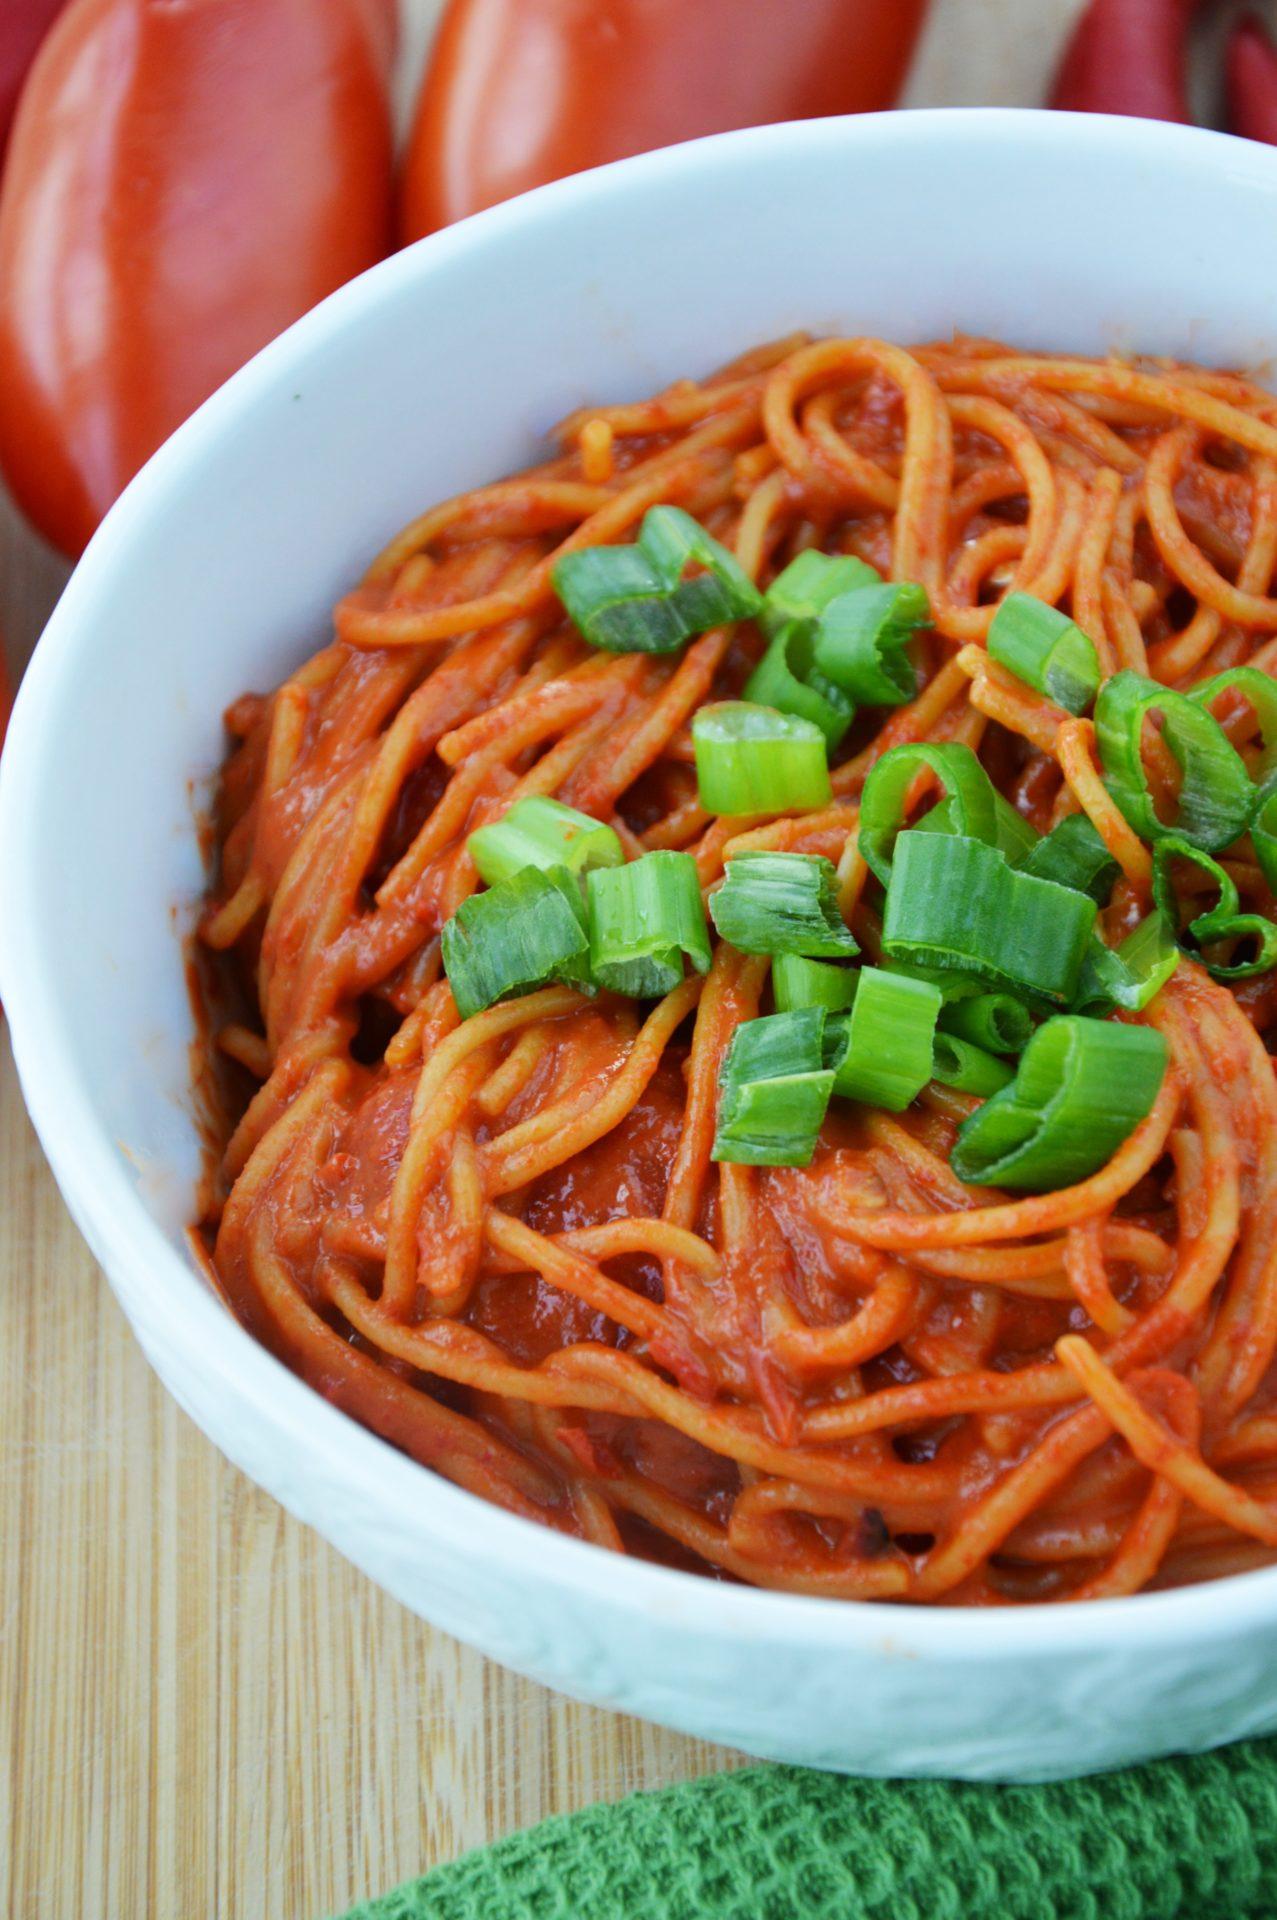 Spaghetti z sosem z pieczonej papryki i masła orzechowego w miseczce